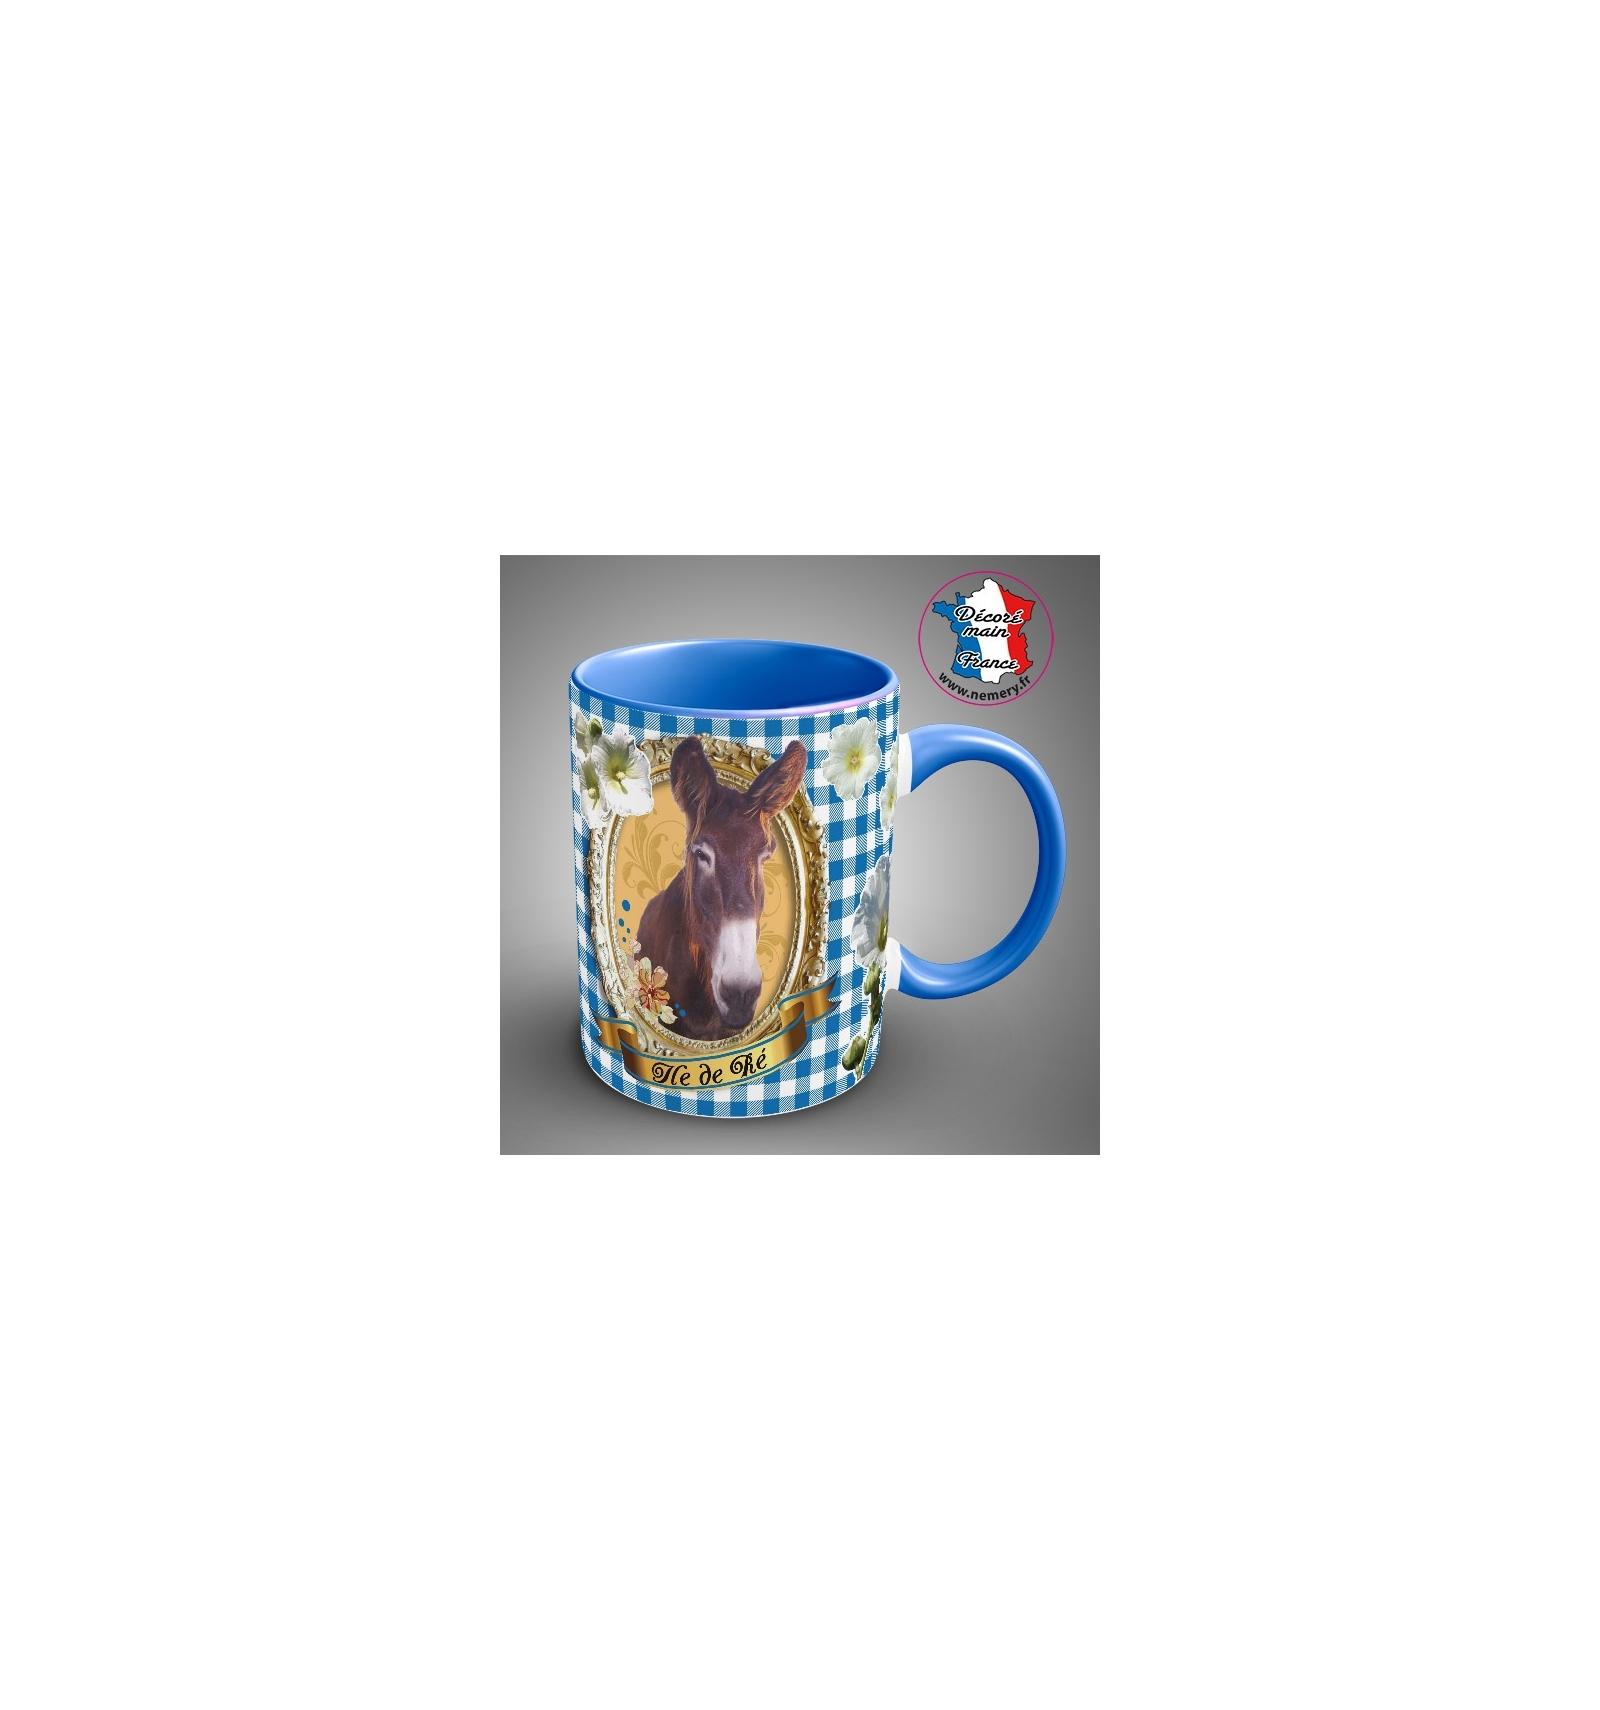 https://osez-sophie.com/2106-thickbox_default/mug-ile-de-re-ane-vichy-bleu-osez-sophie-la-rochelle.jpg